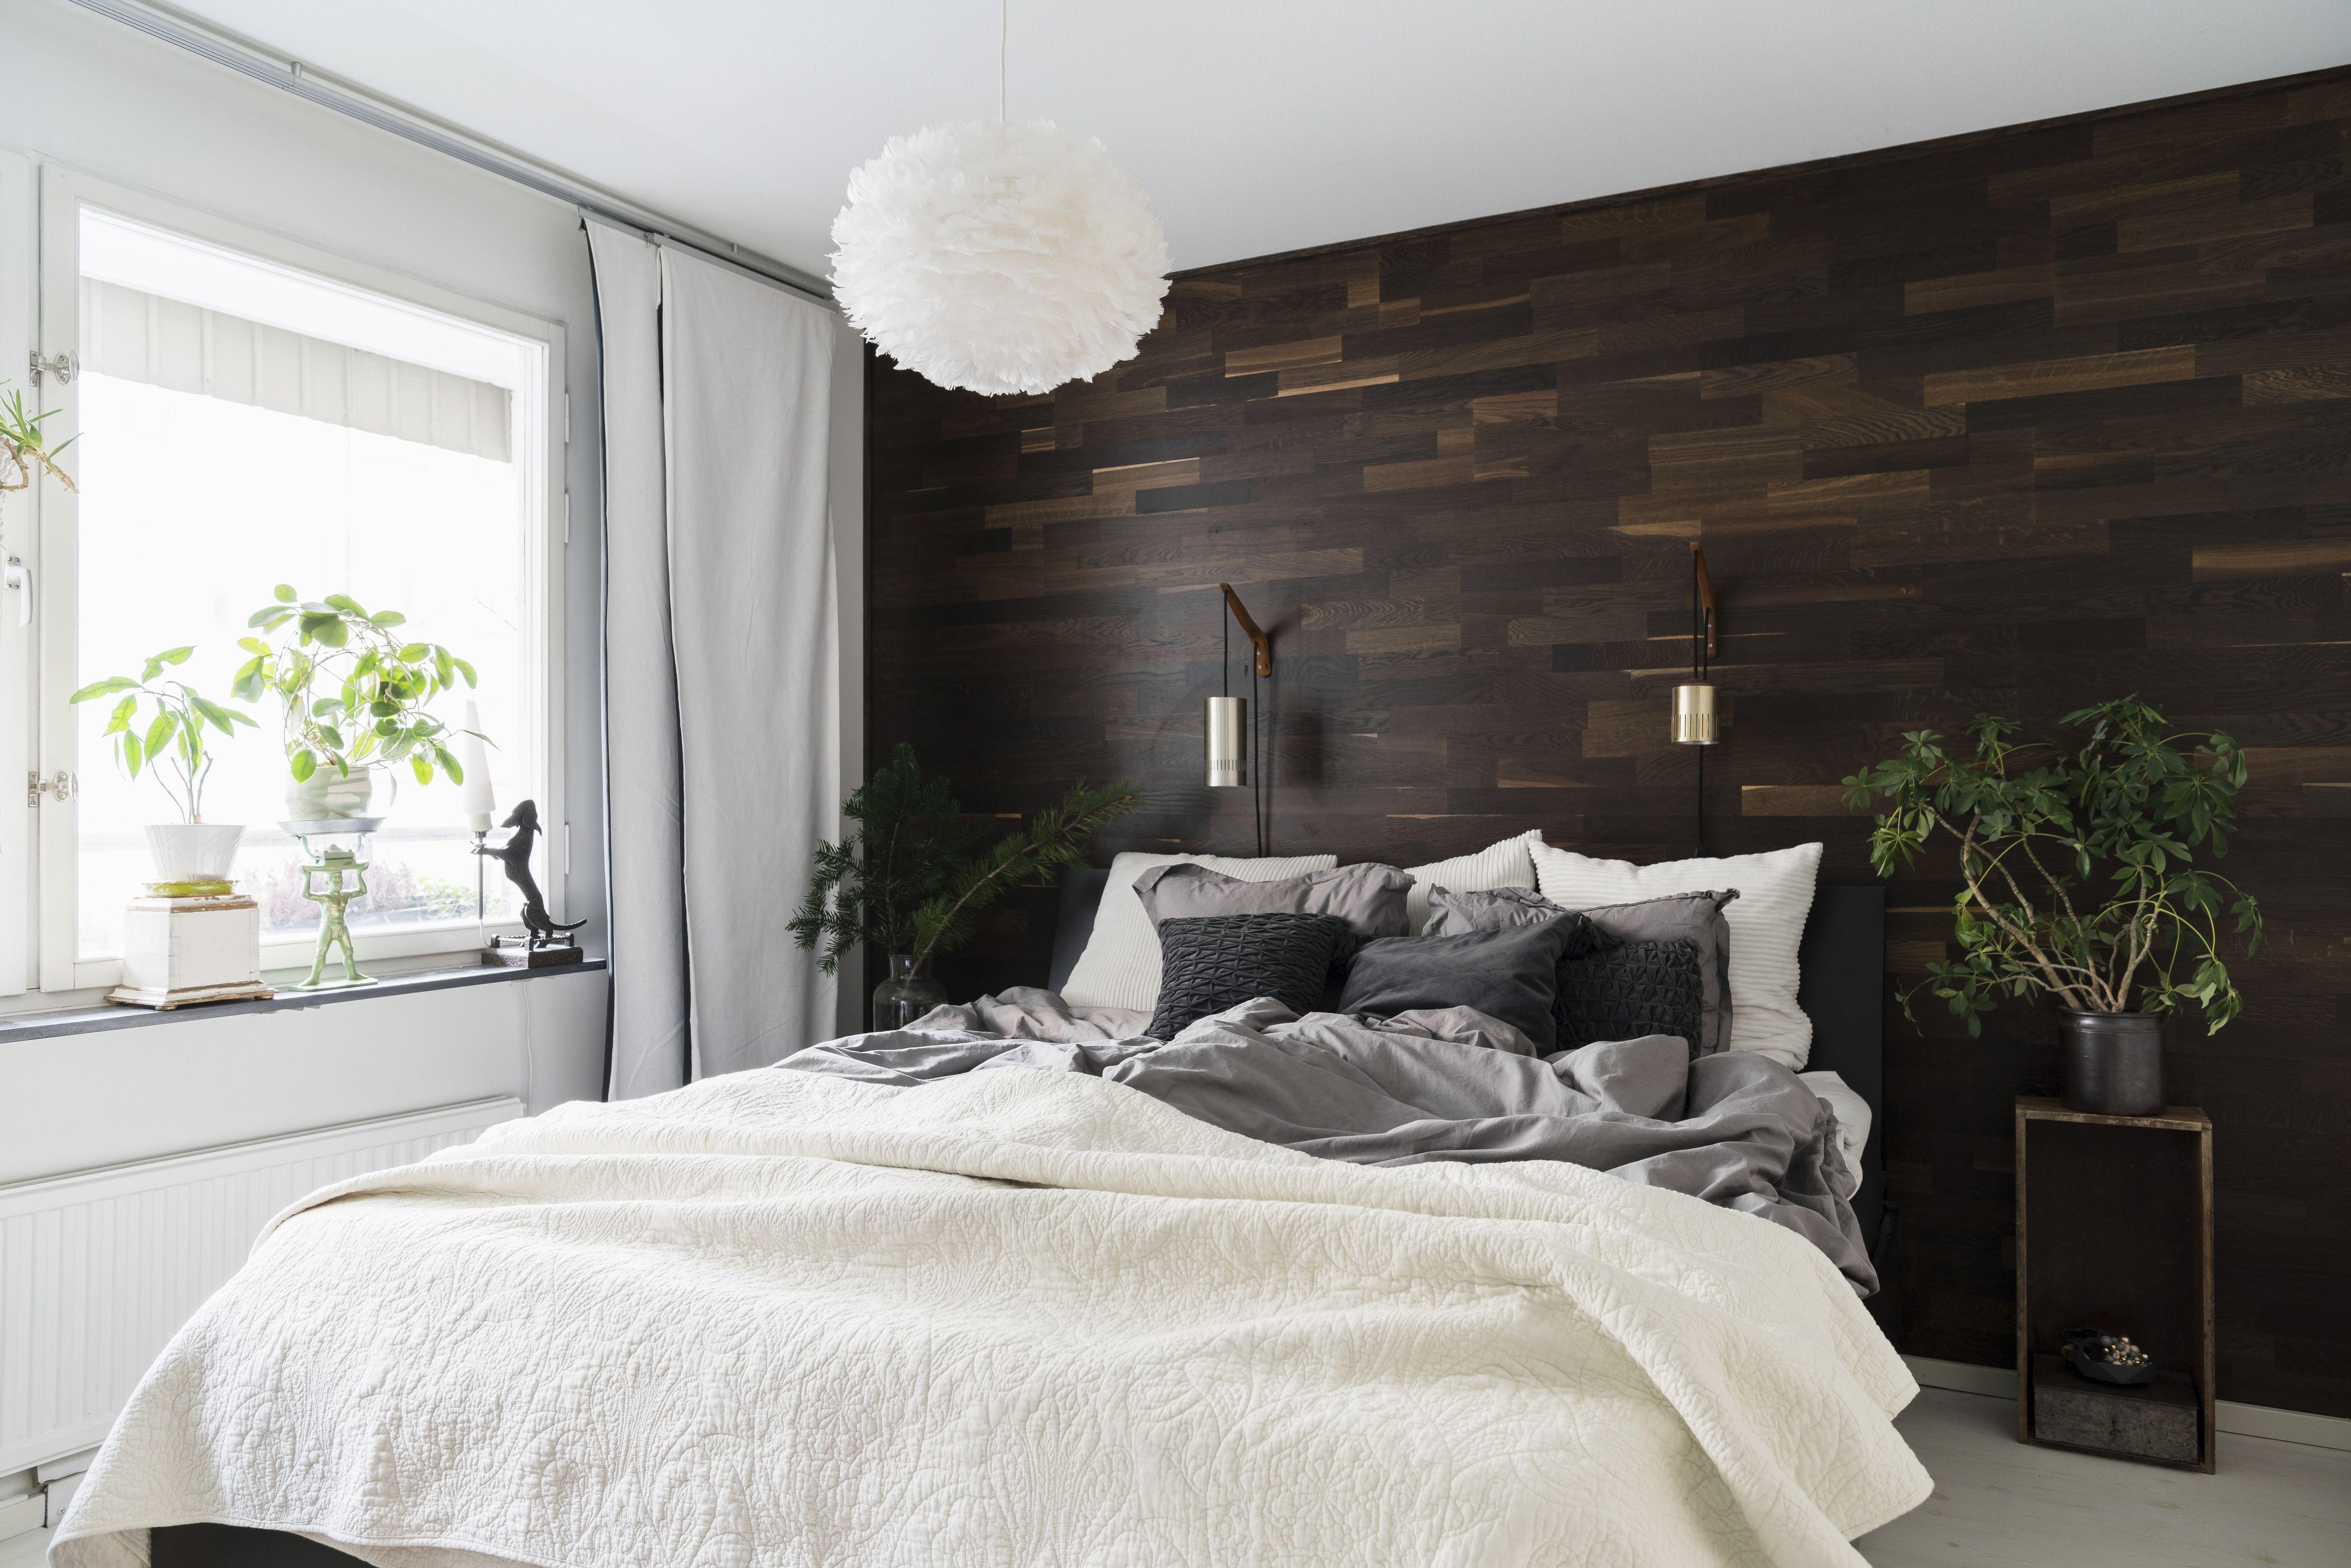 Wohnen und einrichten mit Holz Holz, Wohnen und